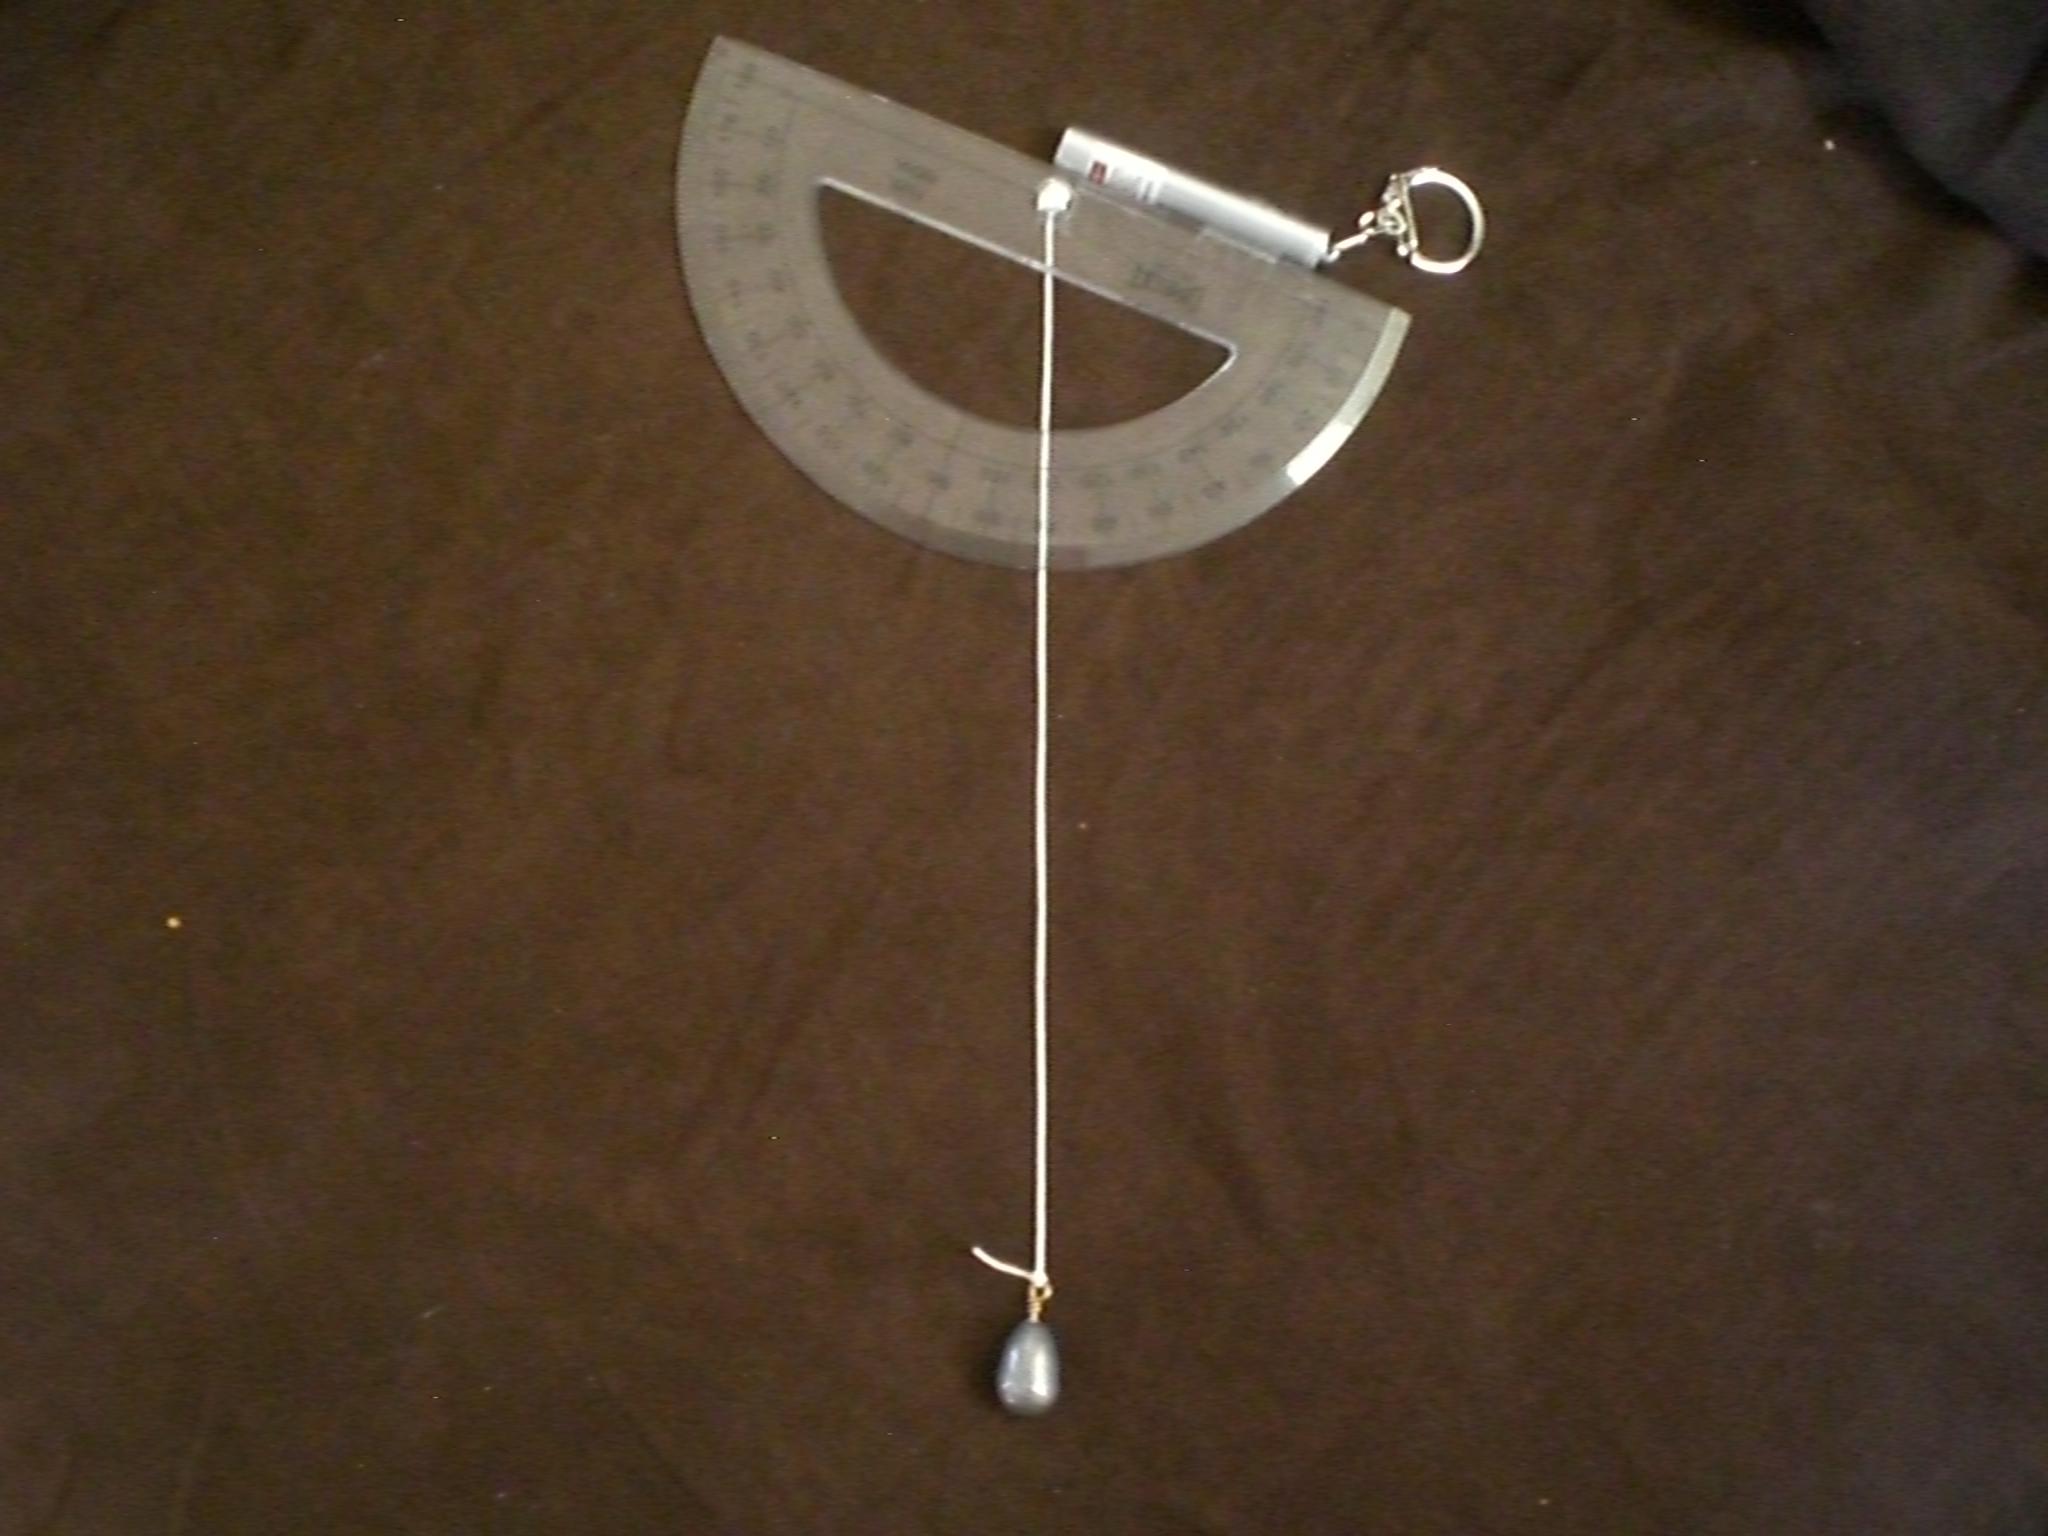 How to Make a Hypsometer